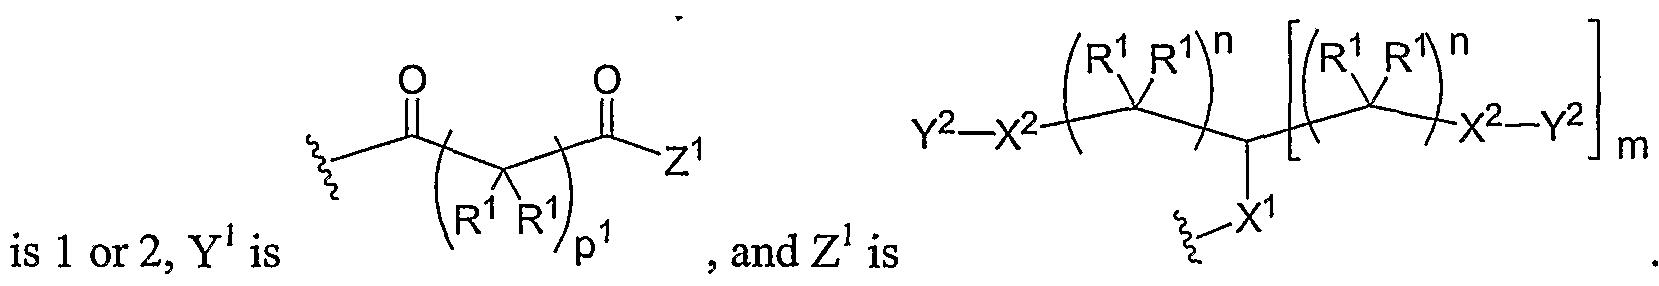 Figure imgf000155_0004